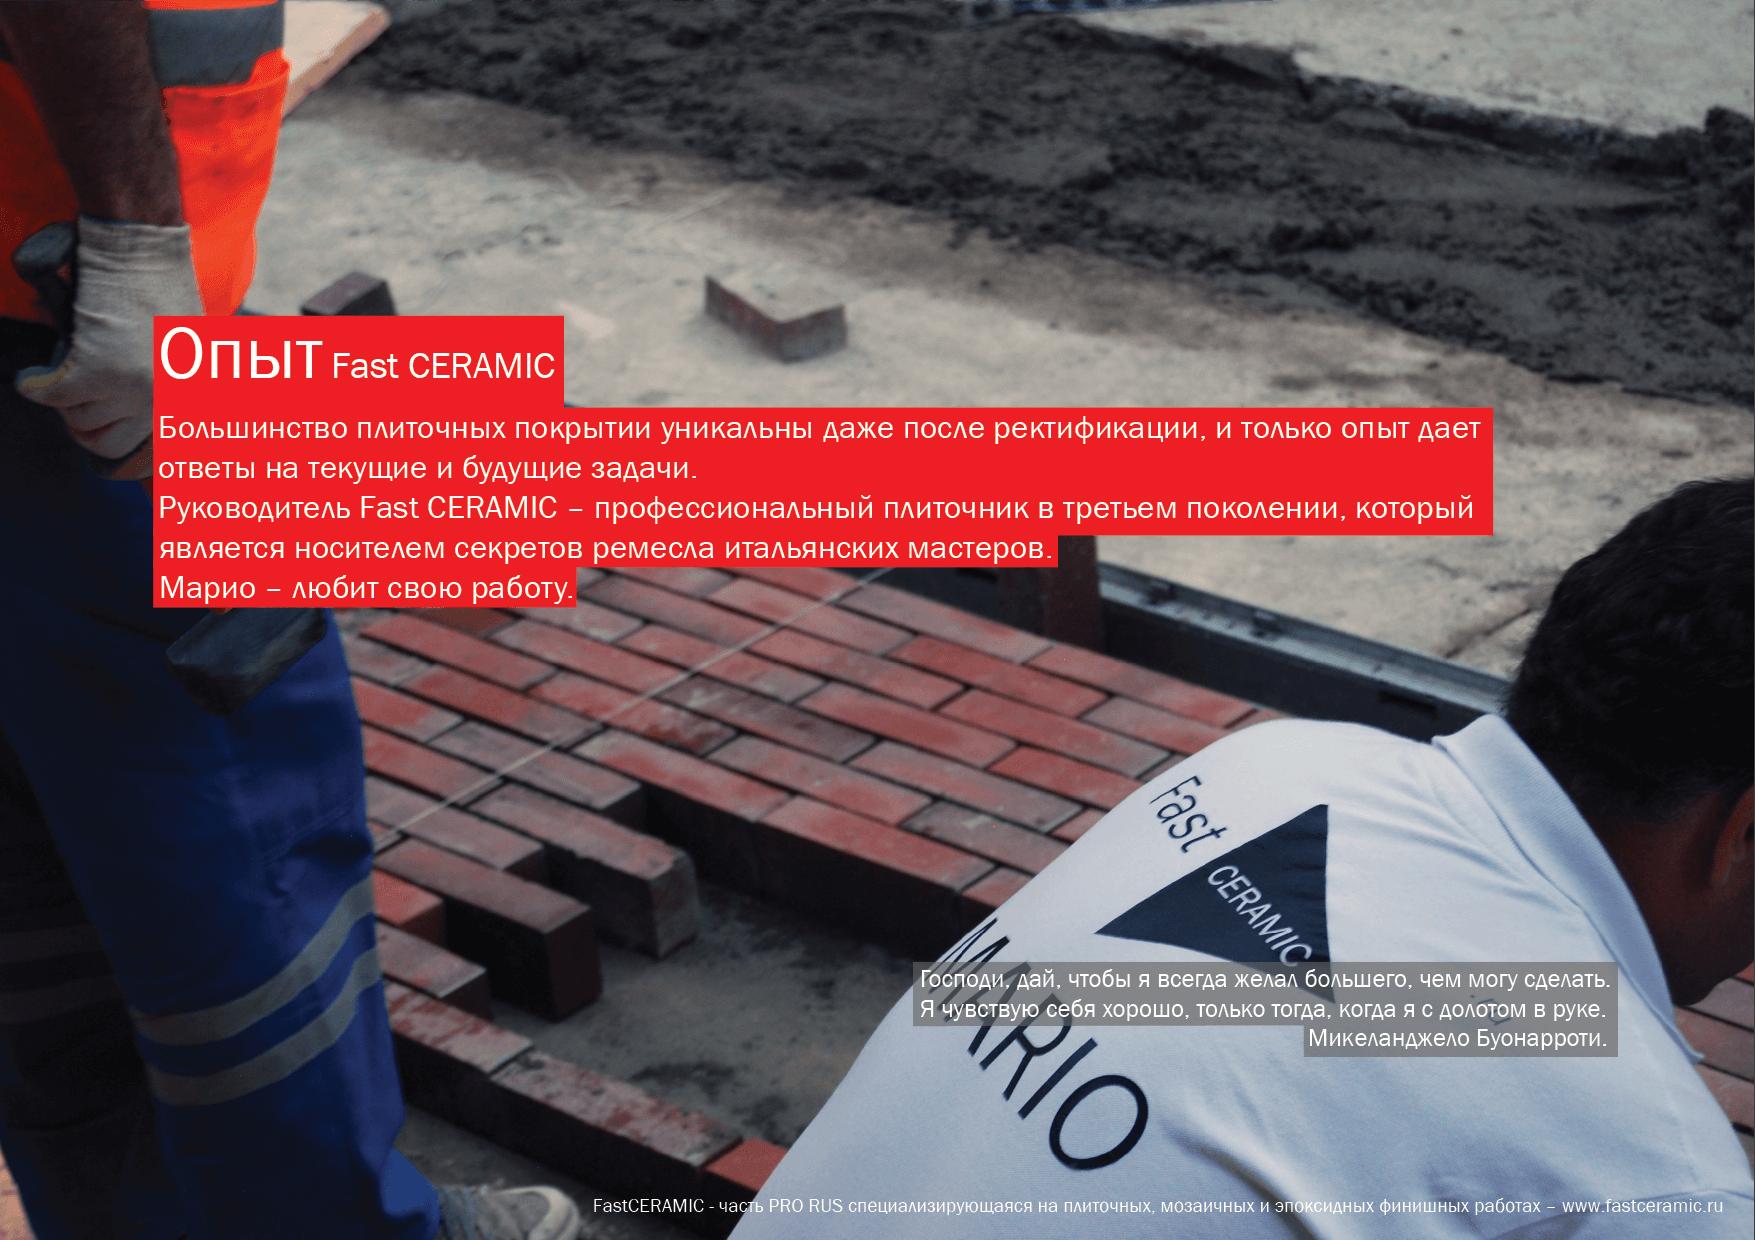 Мощение fastceramic плитки натуральный камень клинкерная плитка раствор без вибровтапливания, с подгонкой, затиркой швов